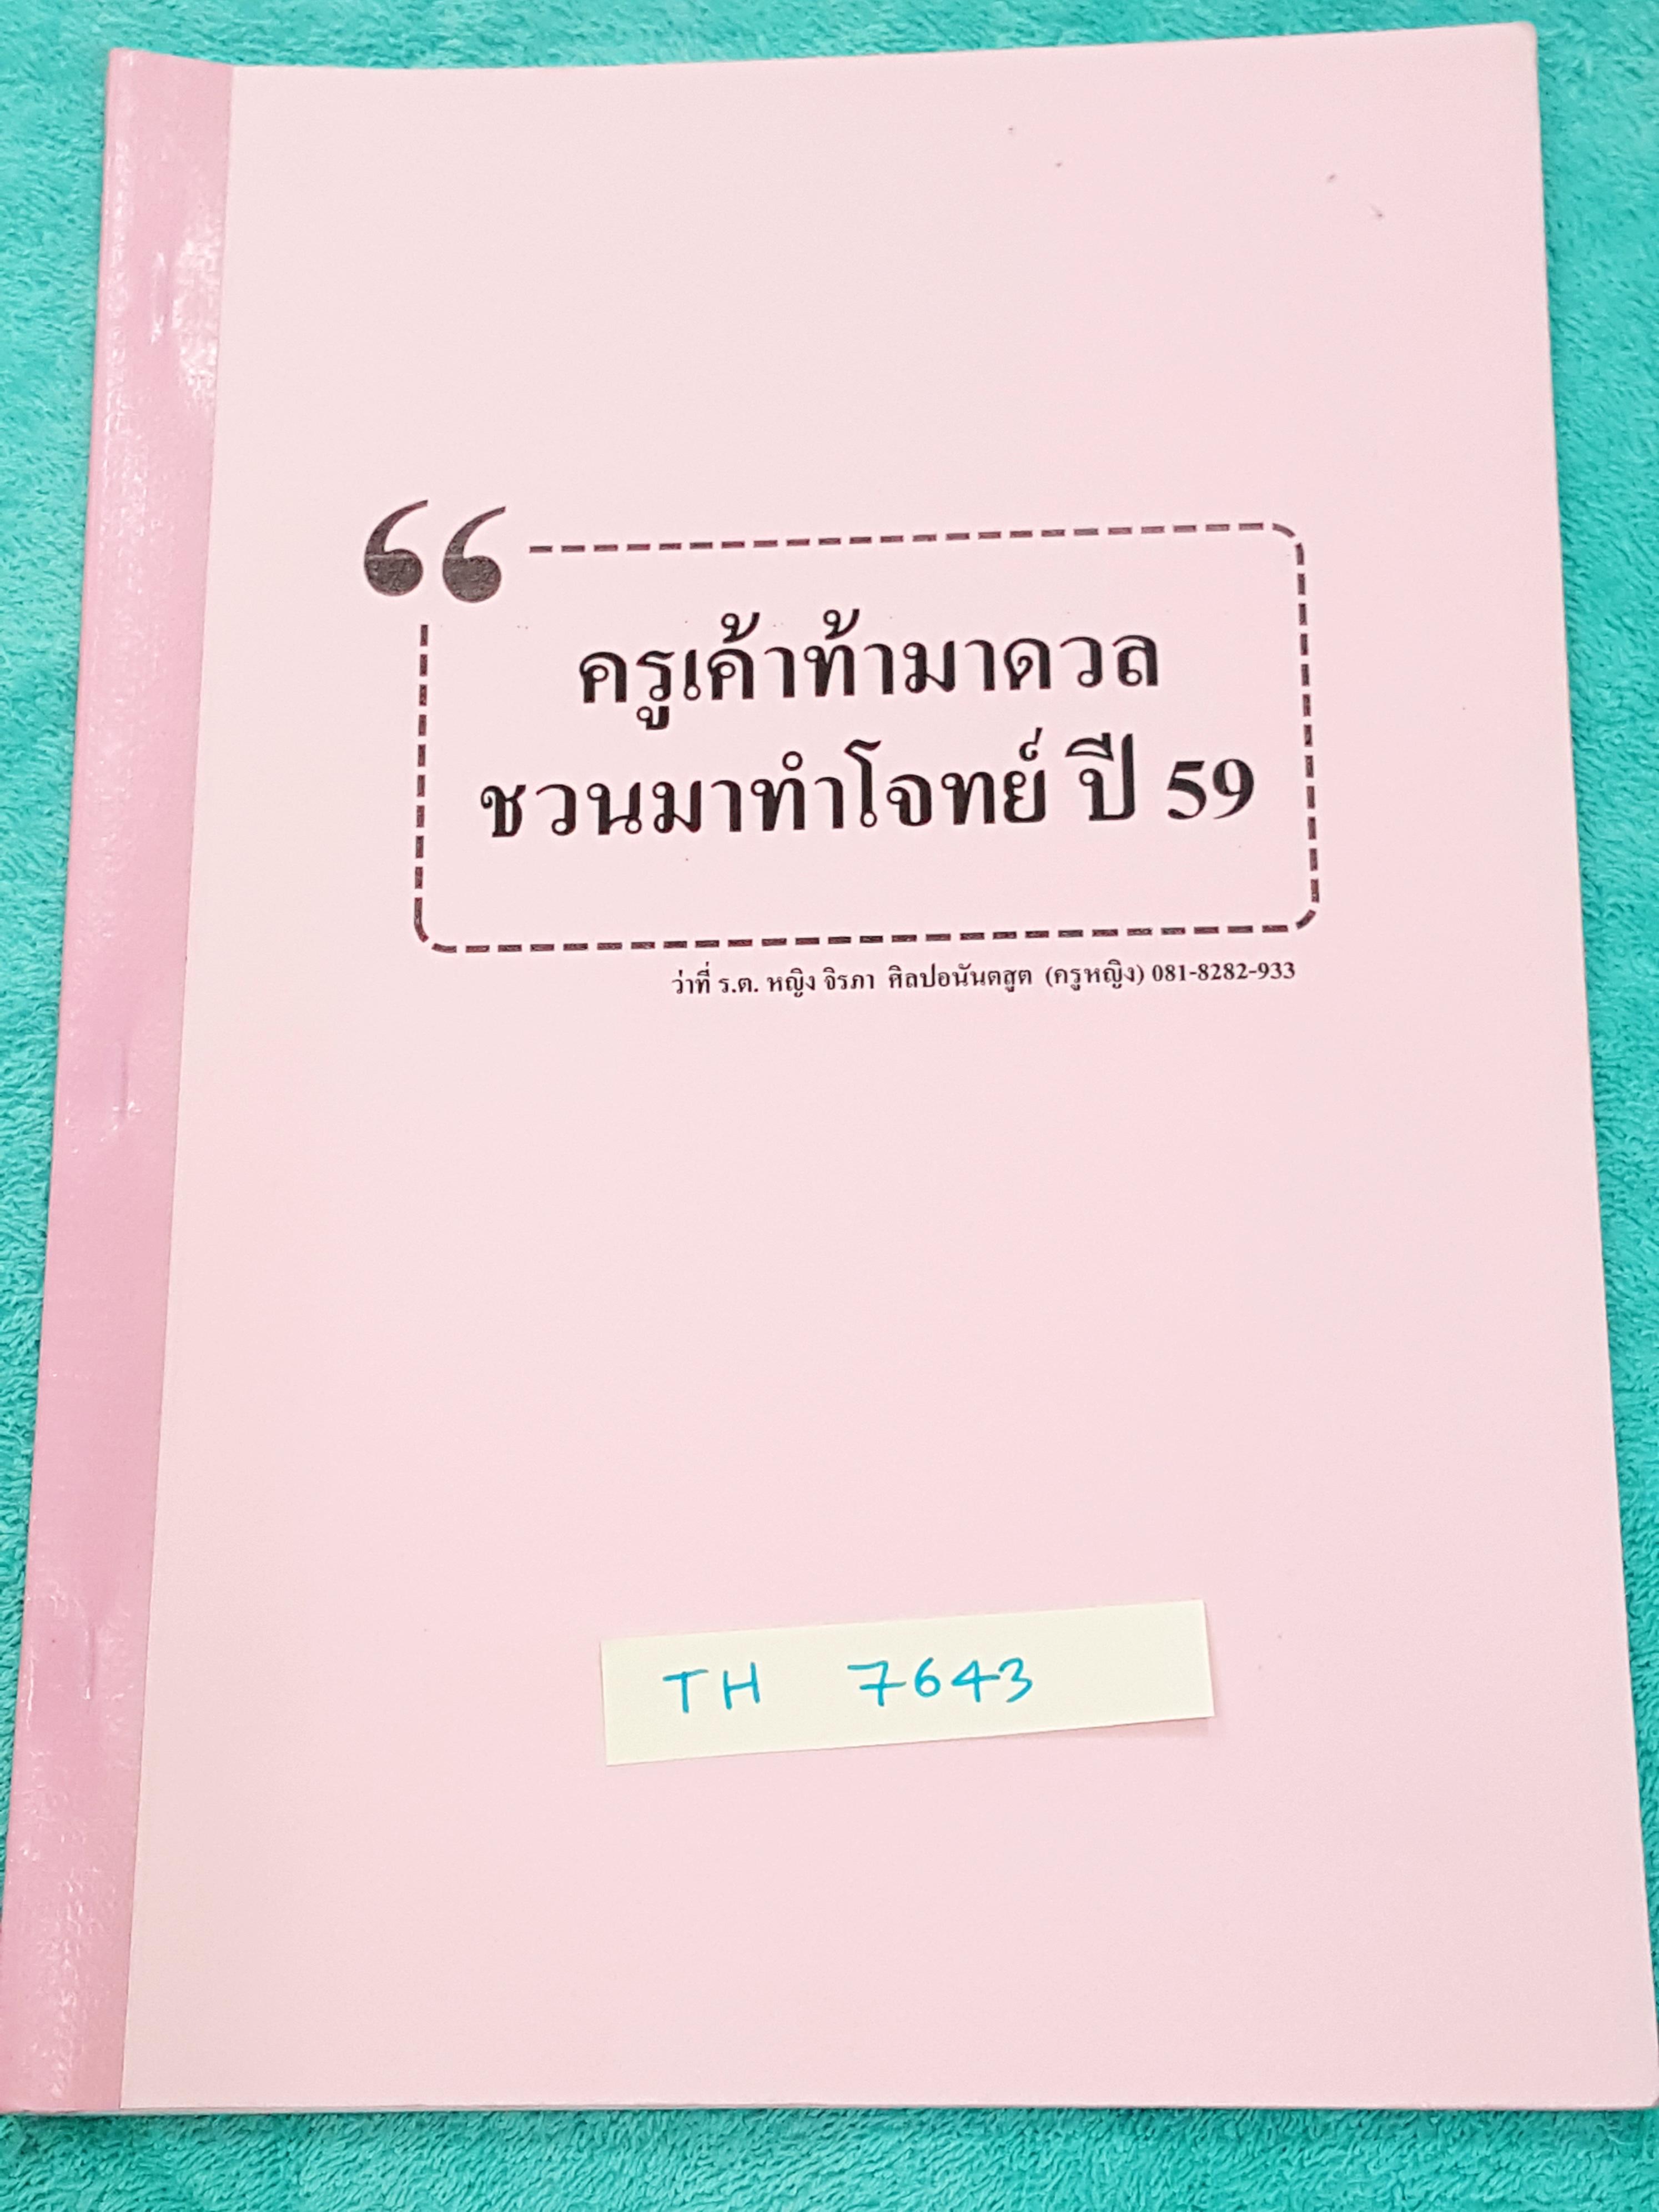 ►ภาษาไทย ครูหญิง◄ TH 7643 ท้าดวลชวนทำโจทย์ วิชาภาษาไทย ปี 59 มีสรุปเนื้อหาเล็กน้อย เน้นฝึกทำโจทย์แบบฝึกหัด จดครบเกือบทั้งเล่ม